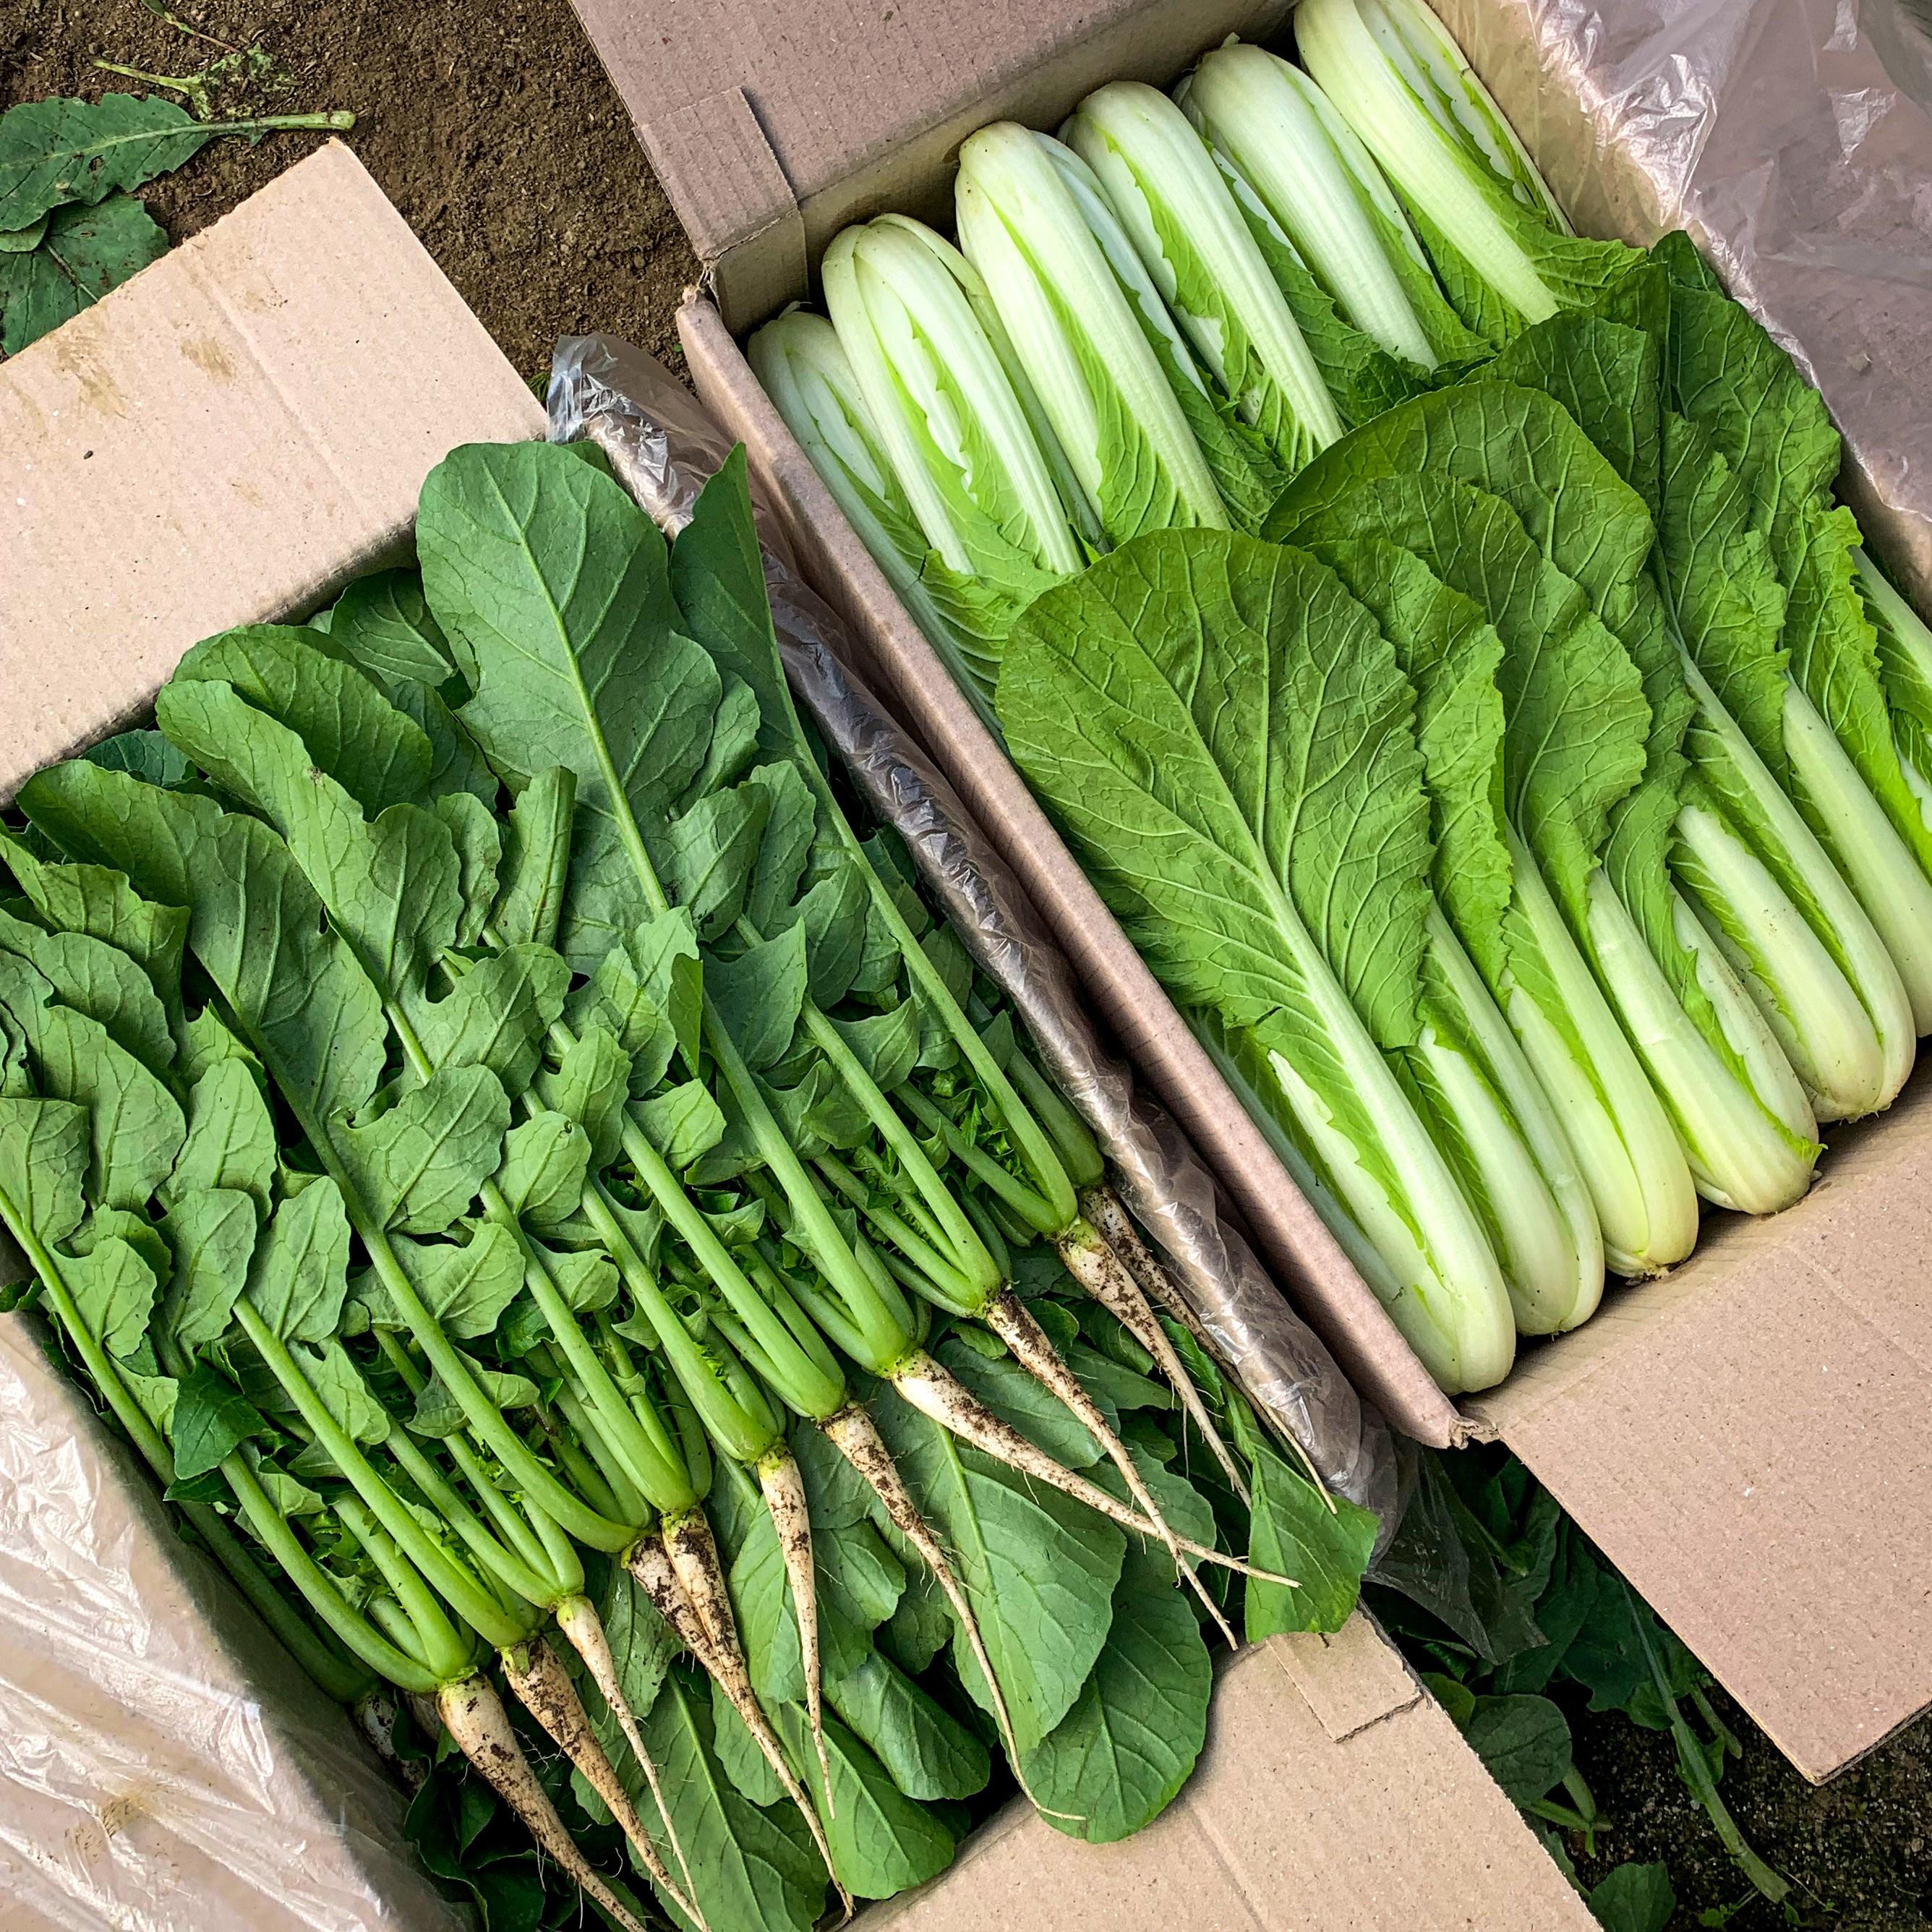 포천 싱싱팜 부드럽고 아삭한 어린 열무, 1개, 어린열무 4kg